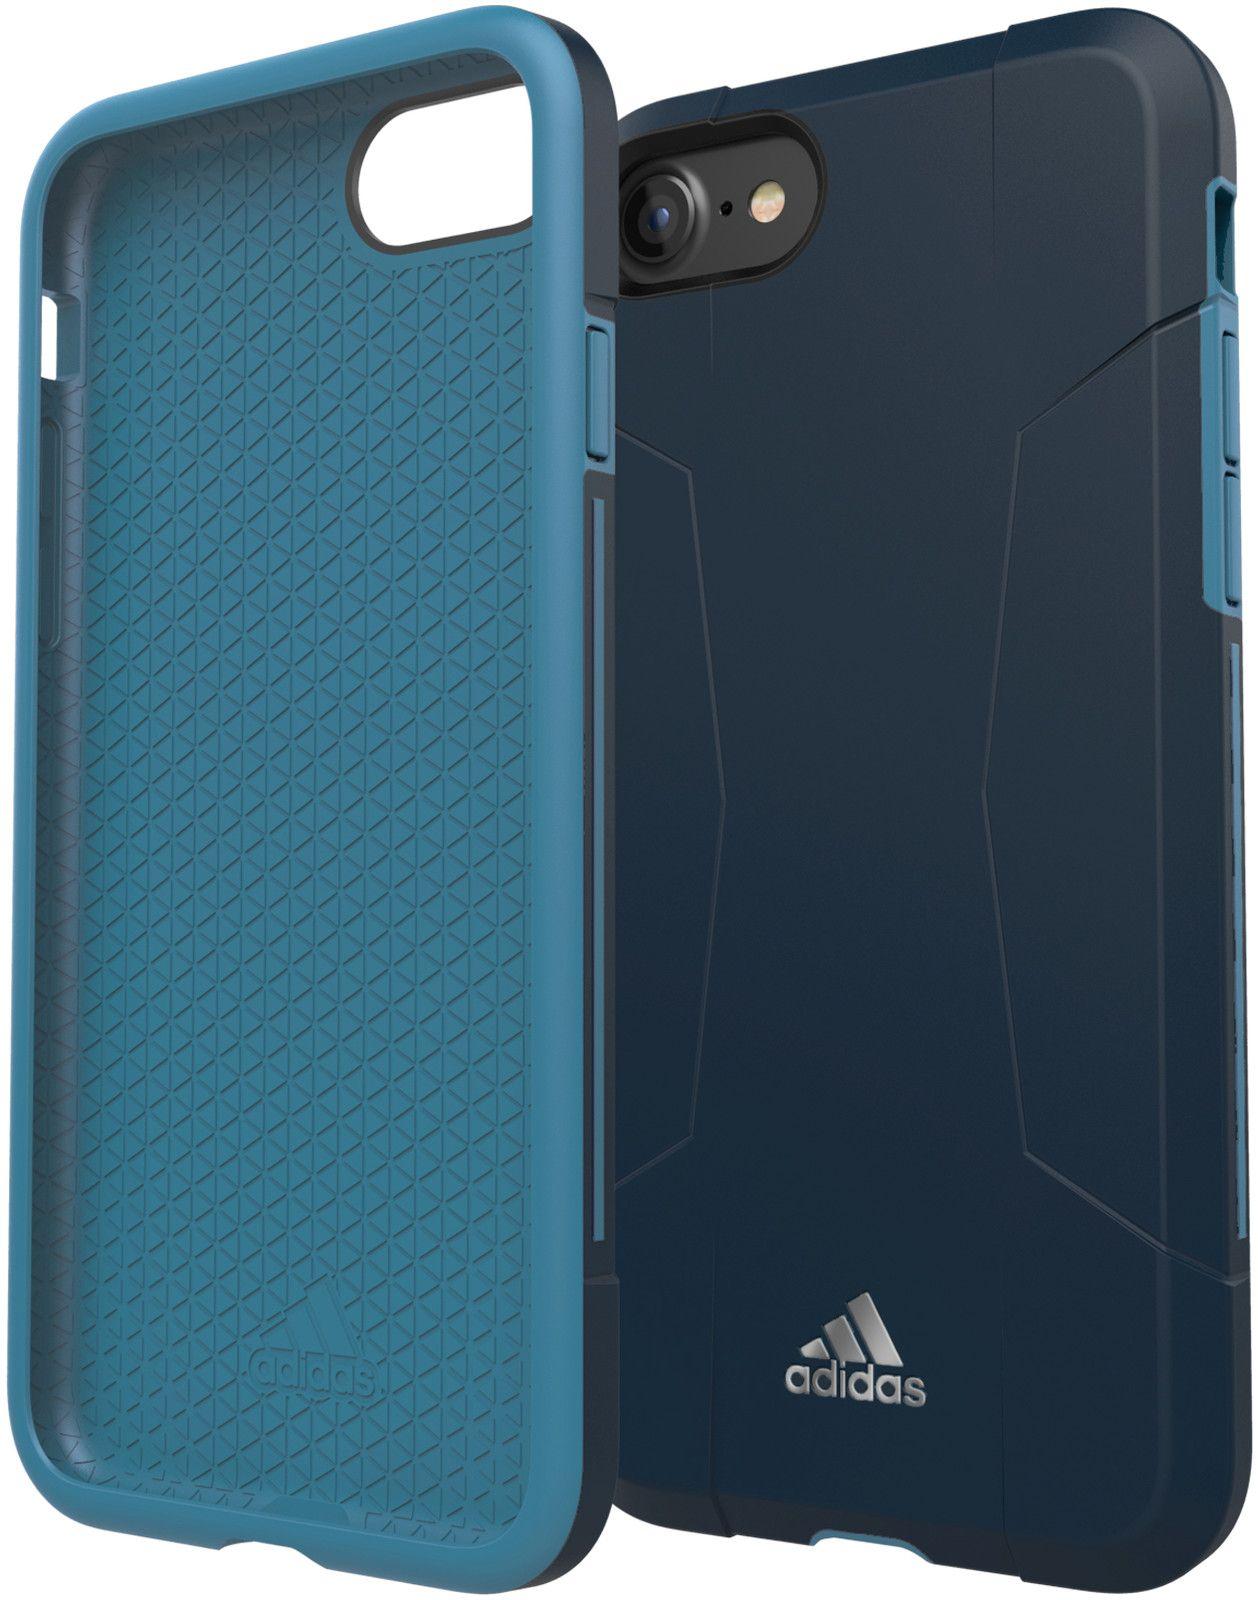 Adidas Solo Case (iPhone SE2/8/7/6/6S) - Mint/blå